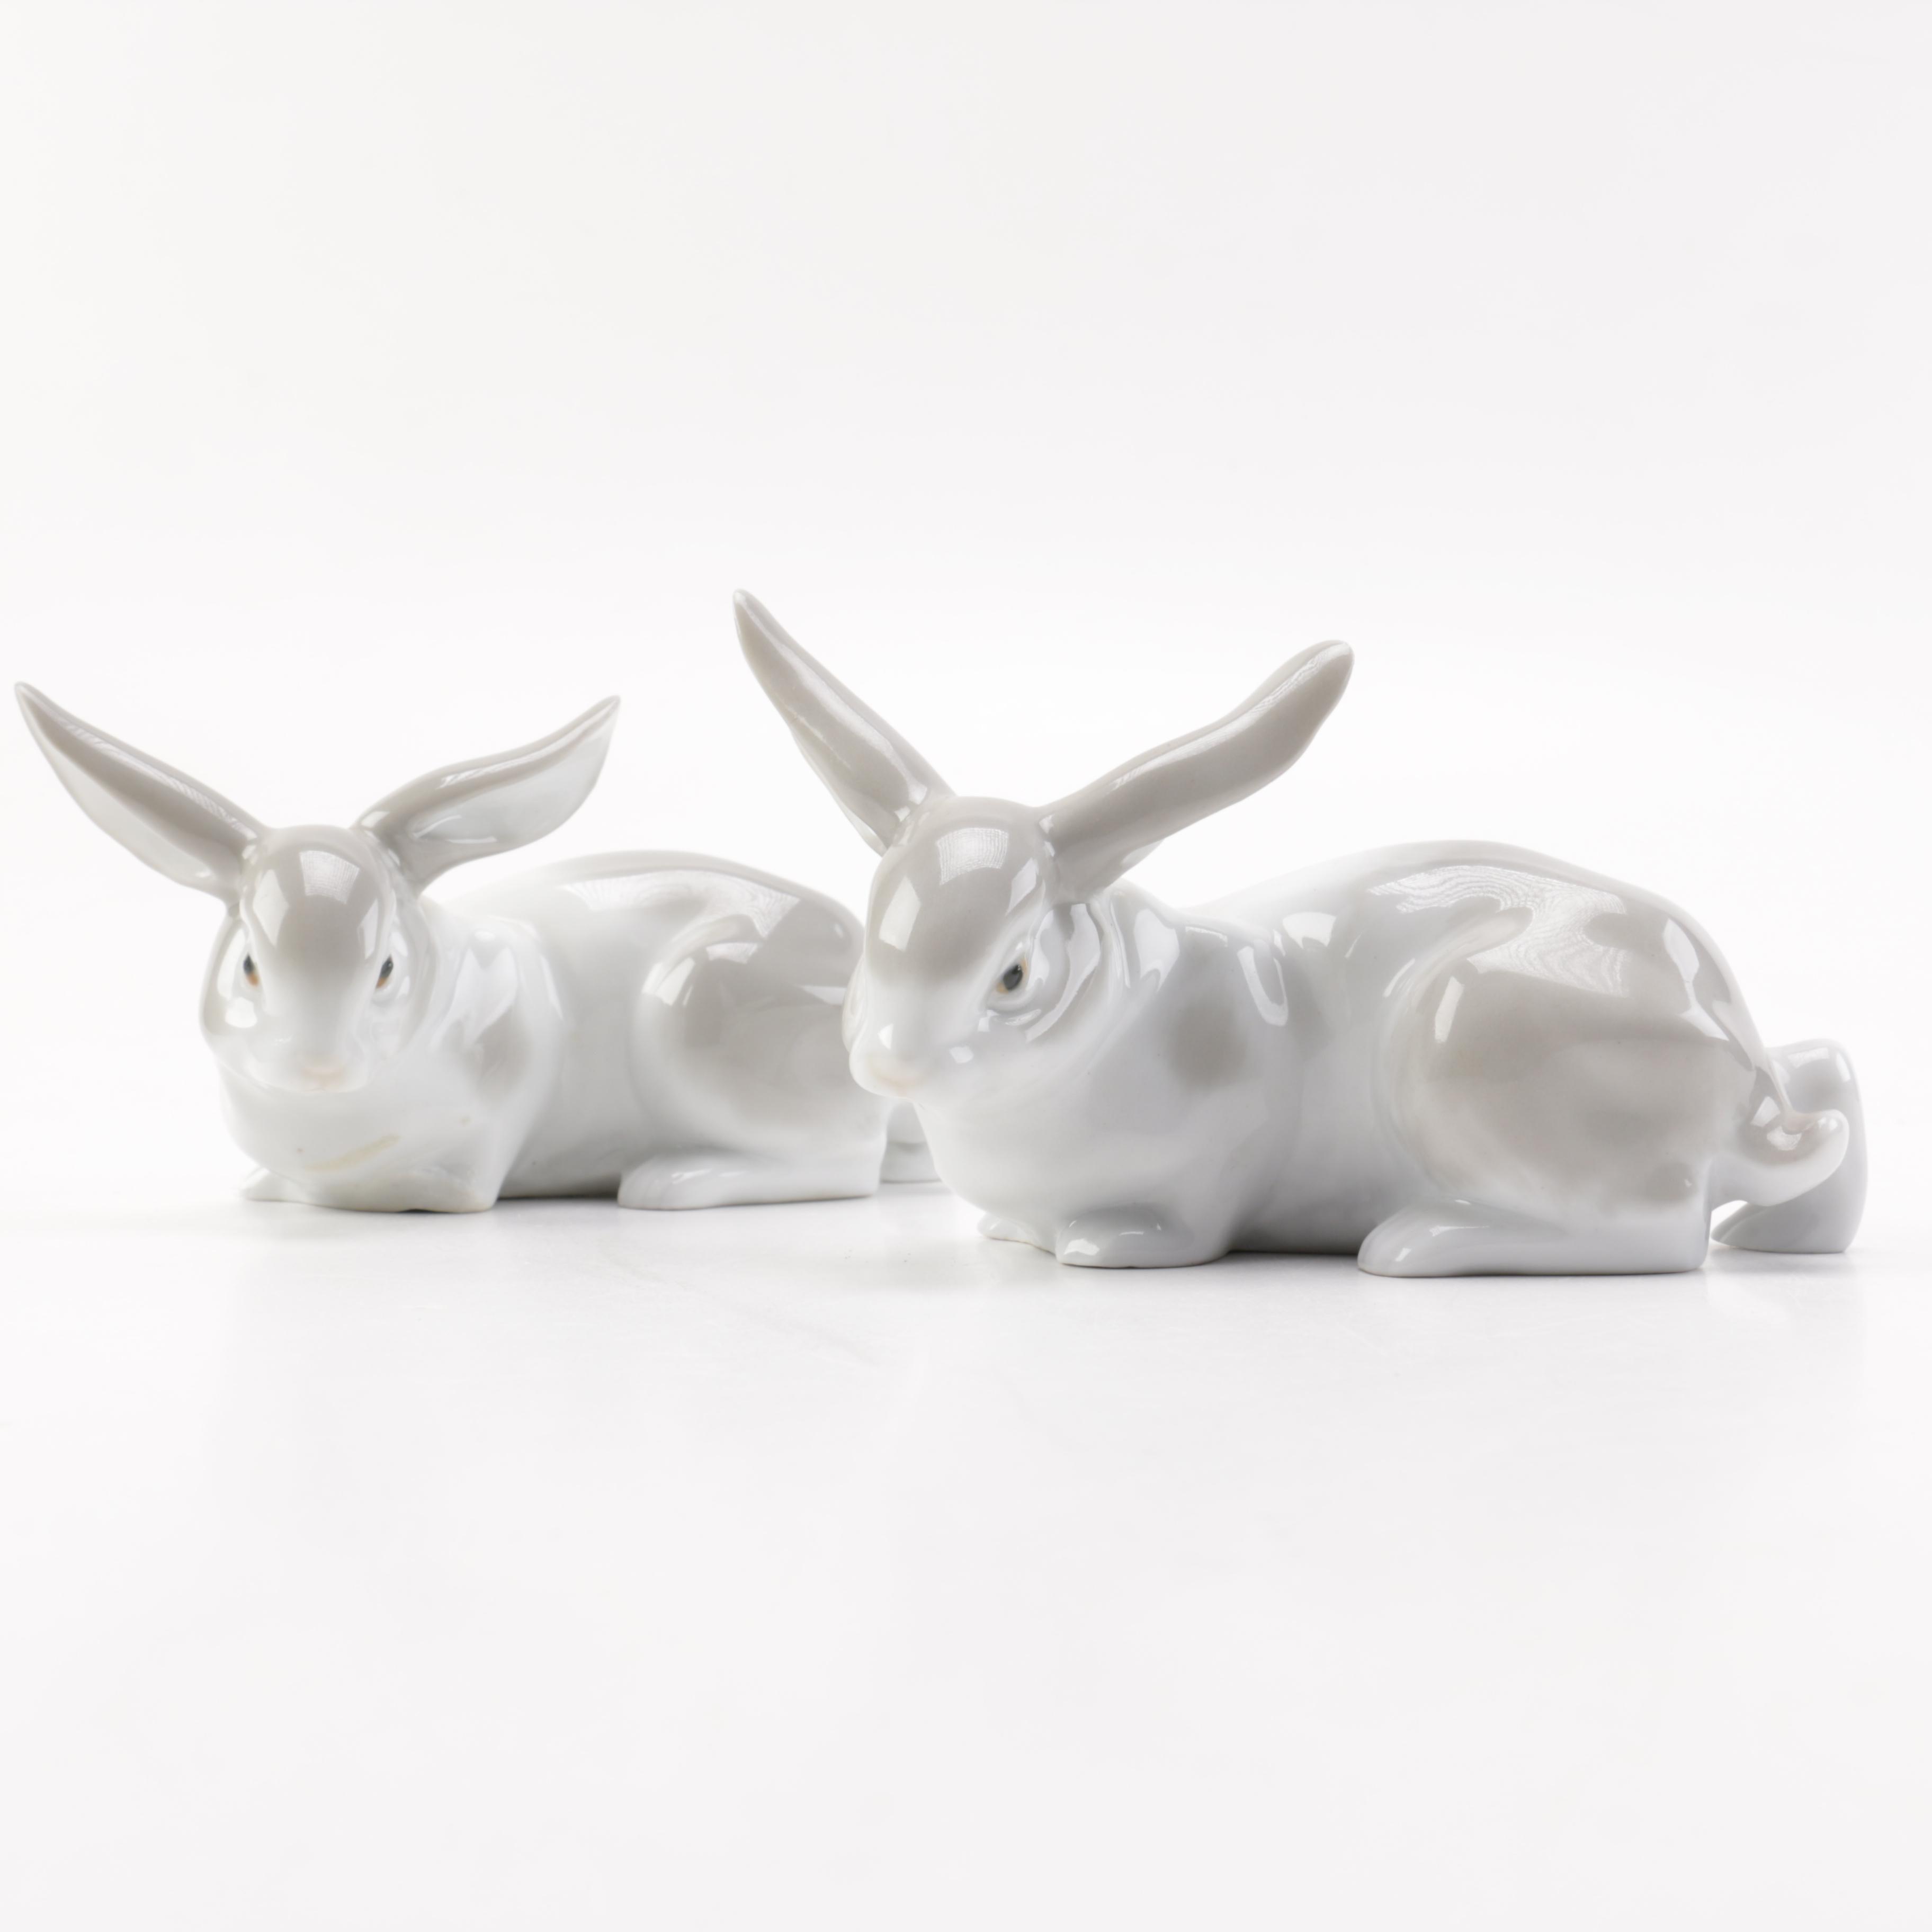 Pair of Ceramic Rabbit Figurines